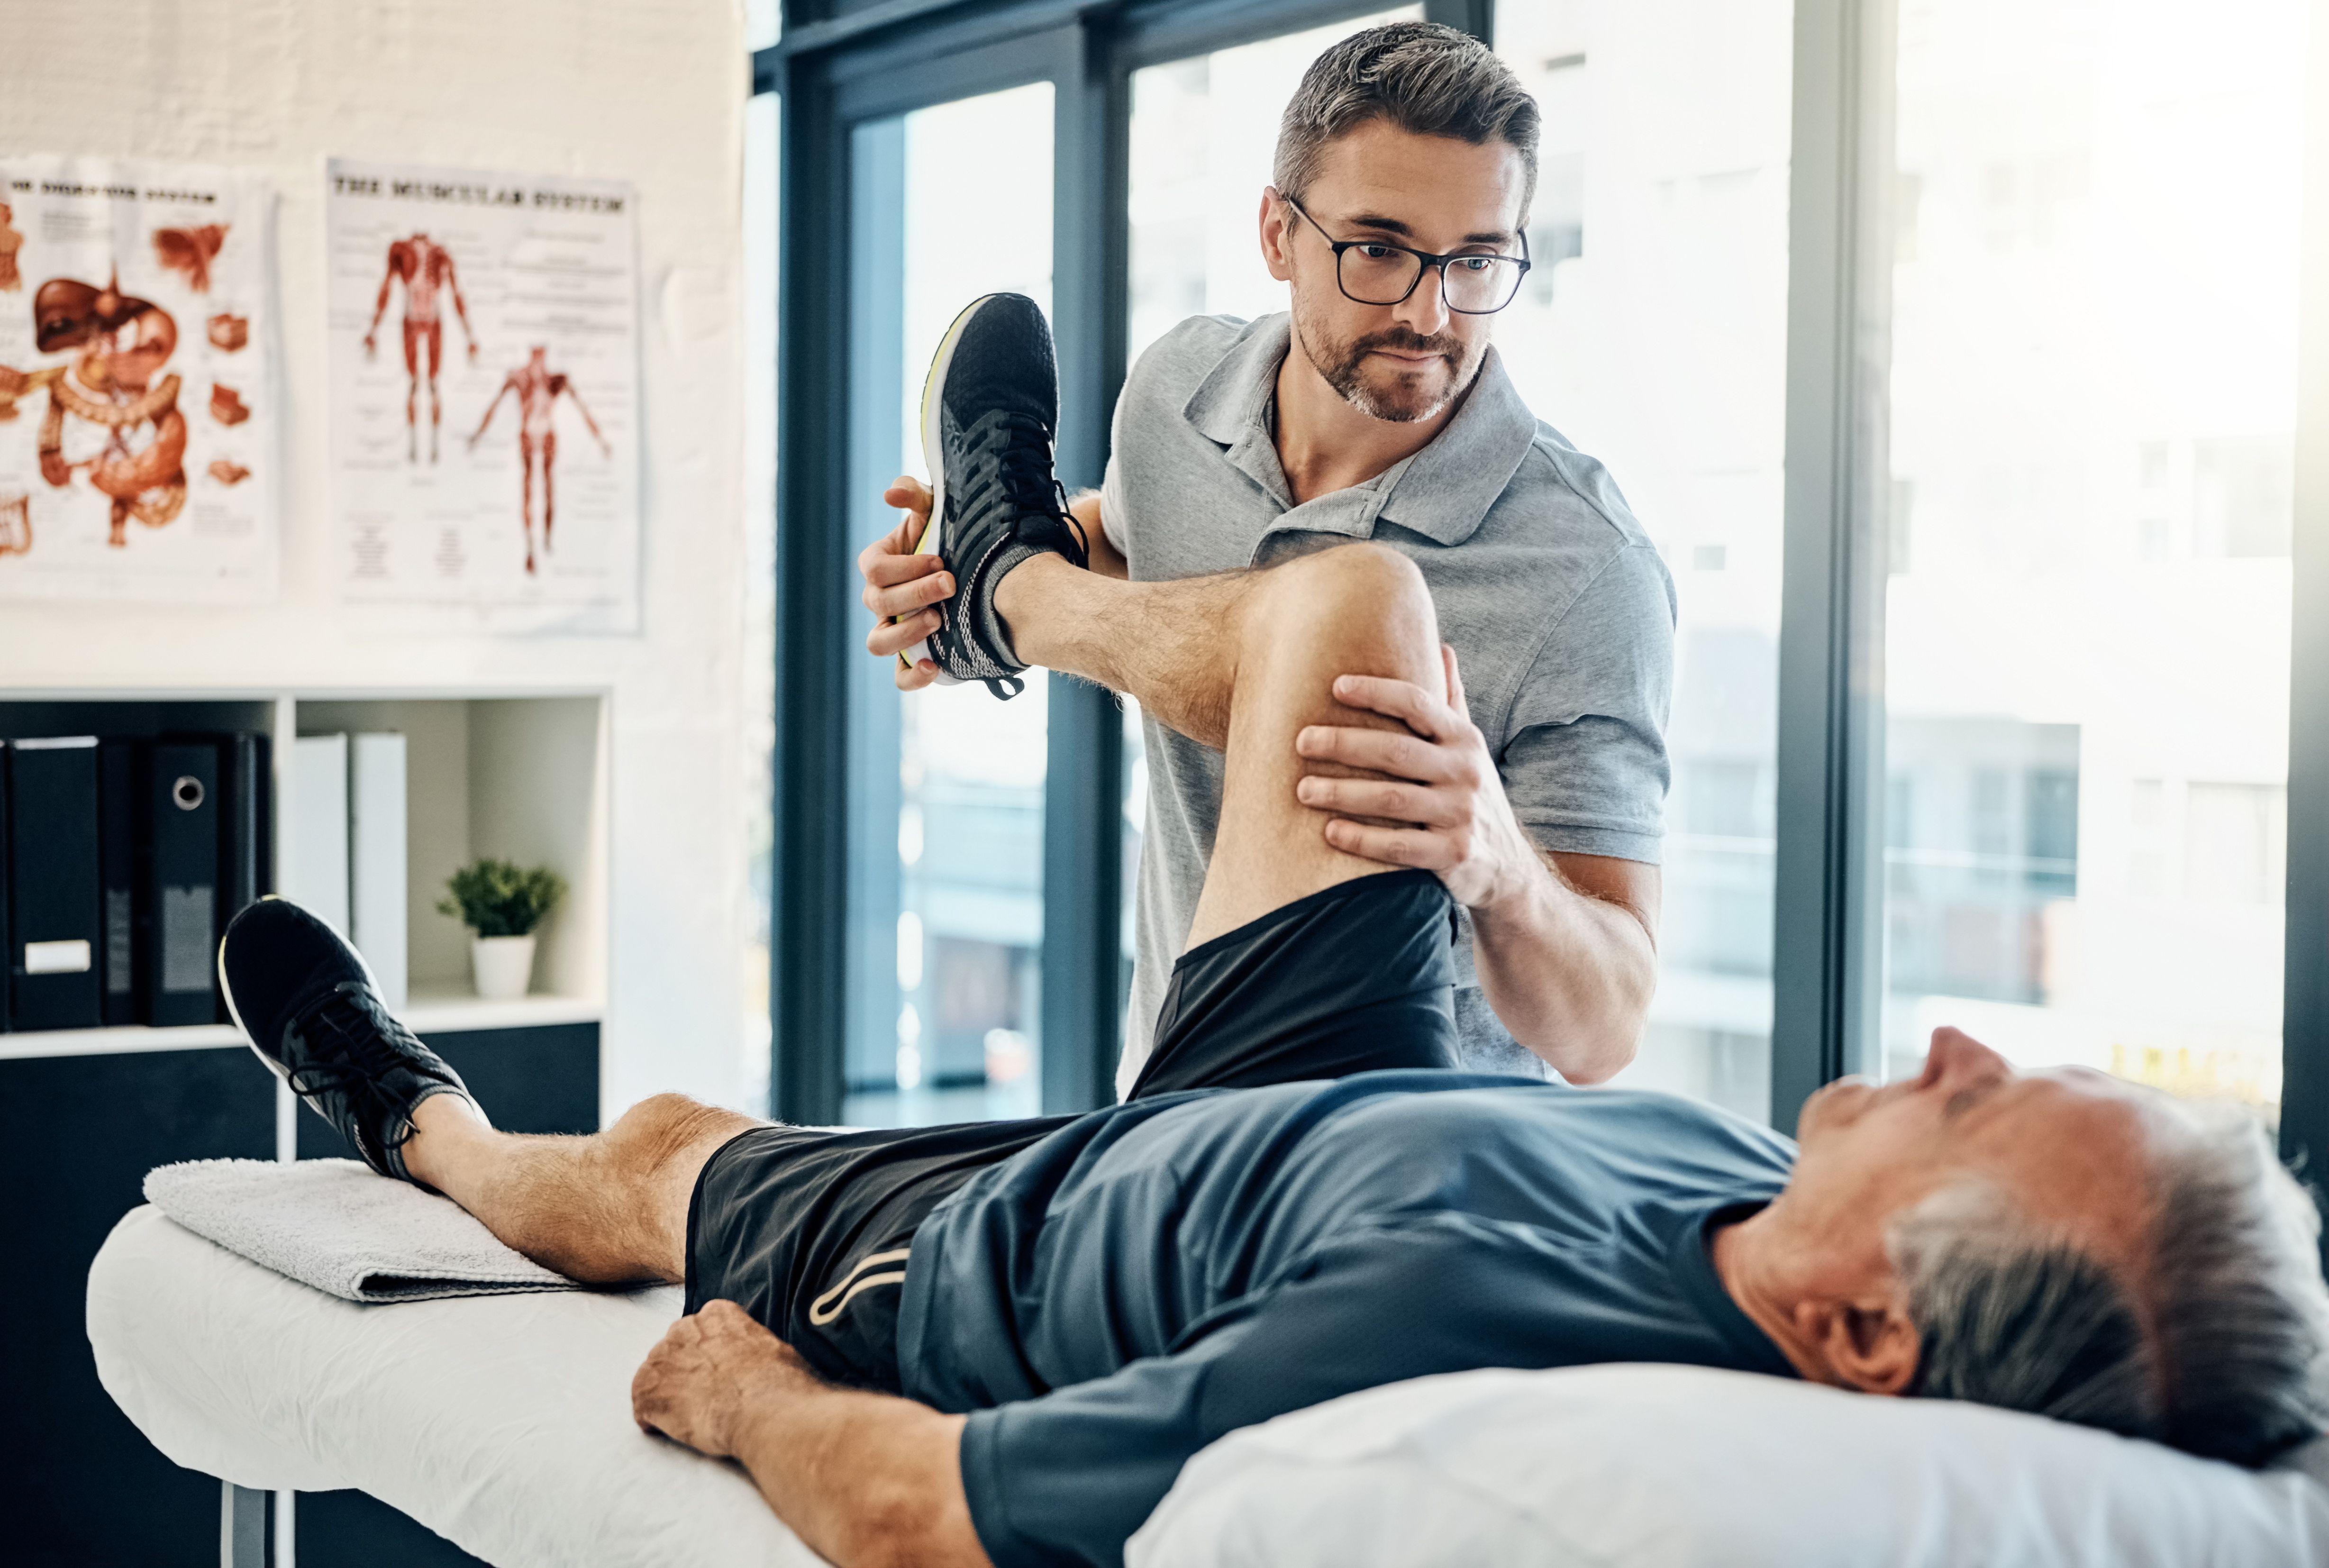 Masaje deportivo: Centro de fisioterapia  de Corefisio